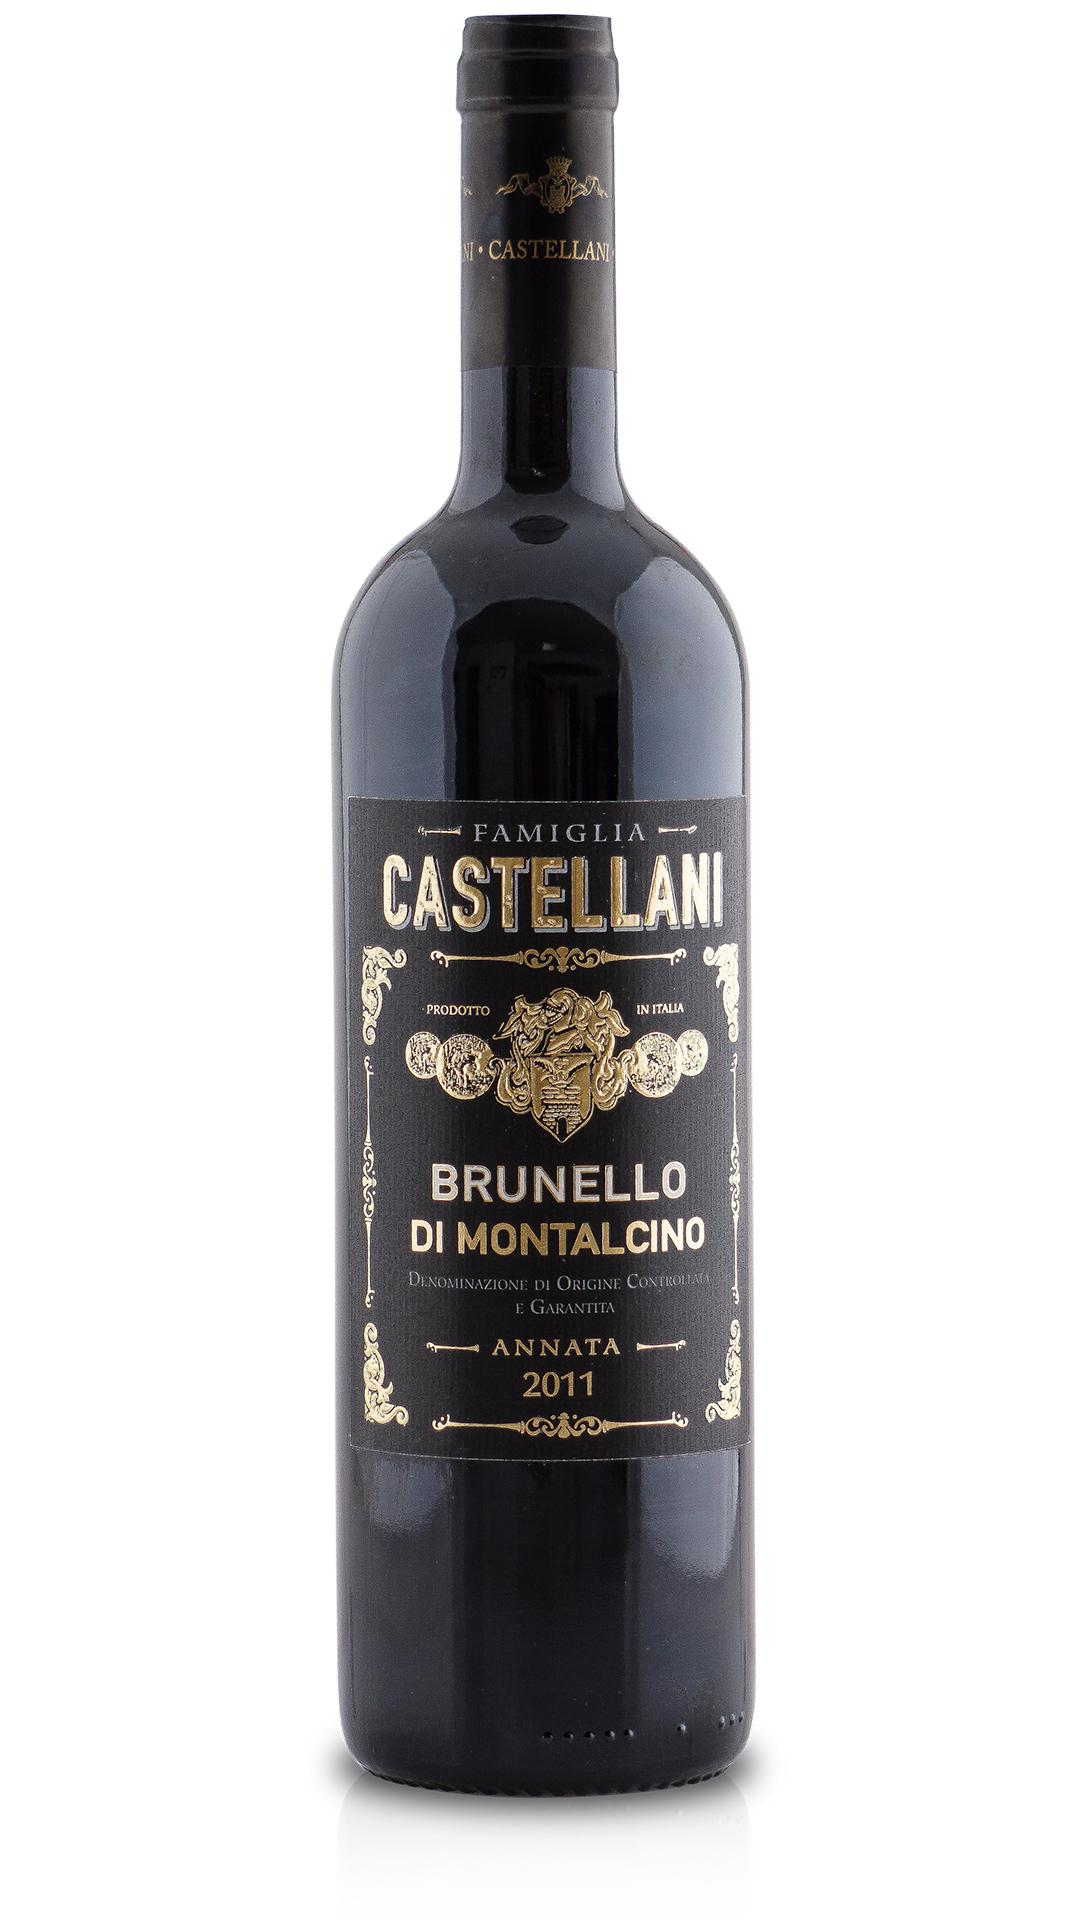 brunello-di-montalcino-castellani-collection-discover-more